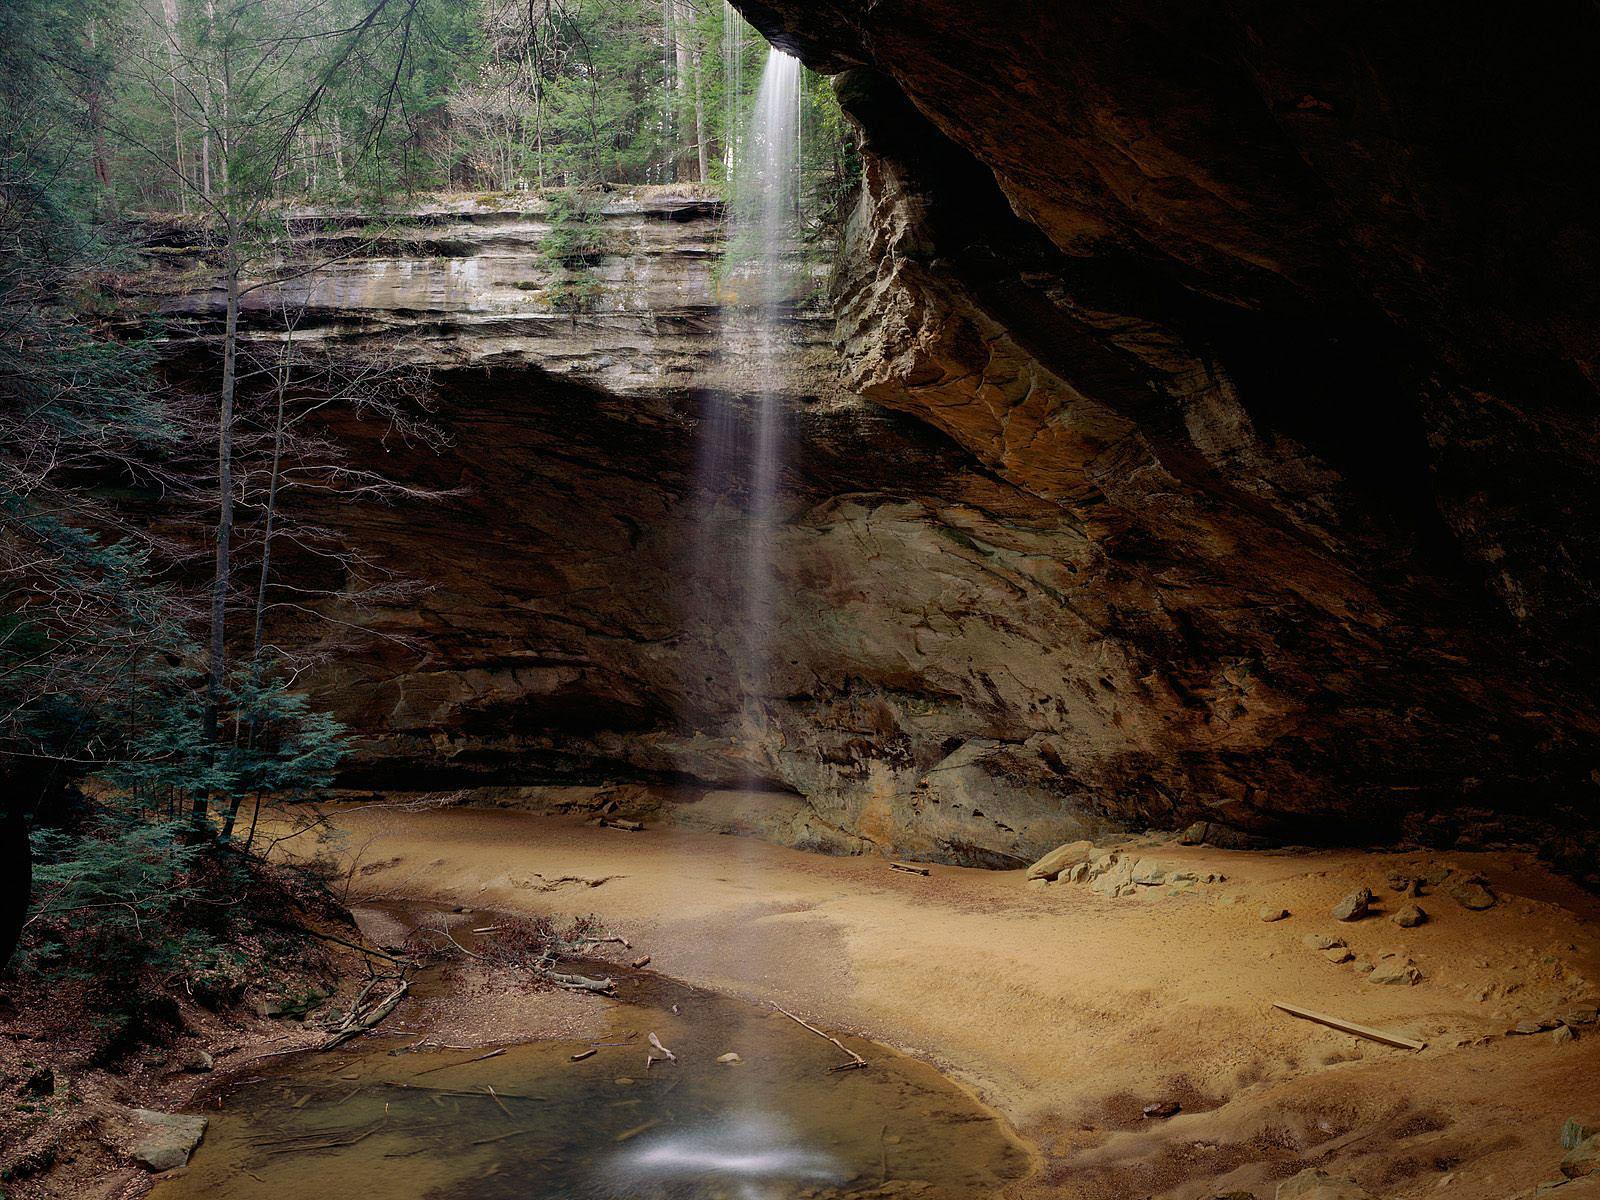 http://2.bp.blogspot.com/-CJYwgMd-QXw/TnnOkuxuWqI/AAAAAAAANPA/xXyBxQeh5b4/s1600/Mooie-watervallen-achtergronden-hd-waterval-wallpapers-afbeelding-foto-28.jpg